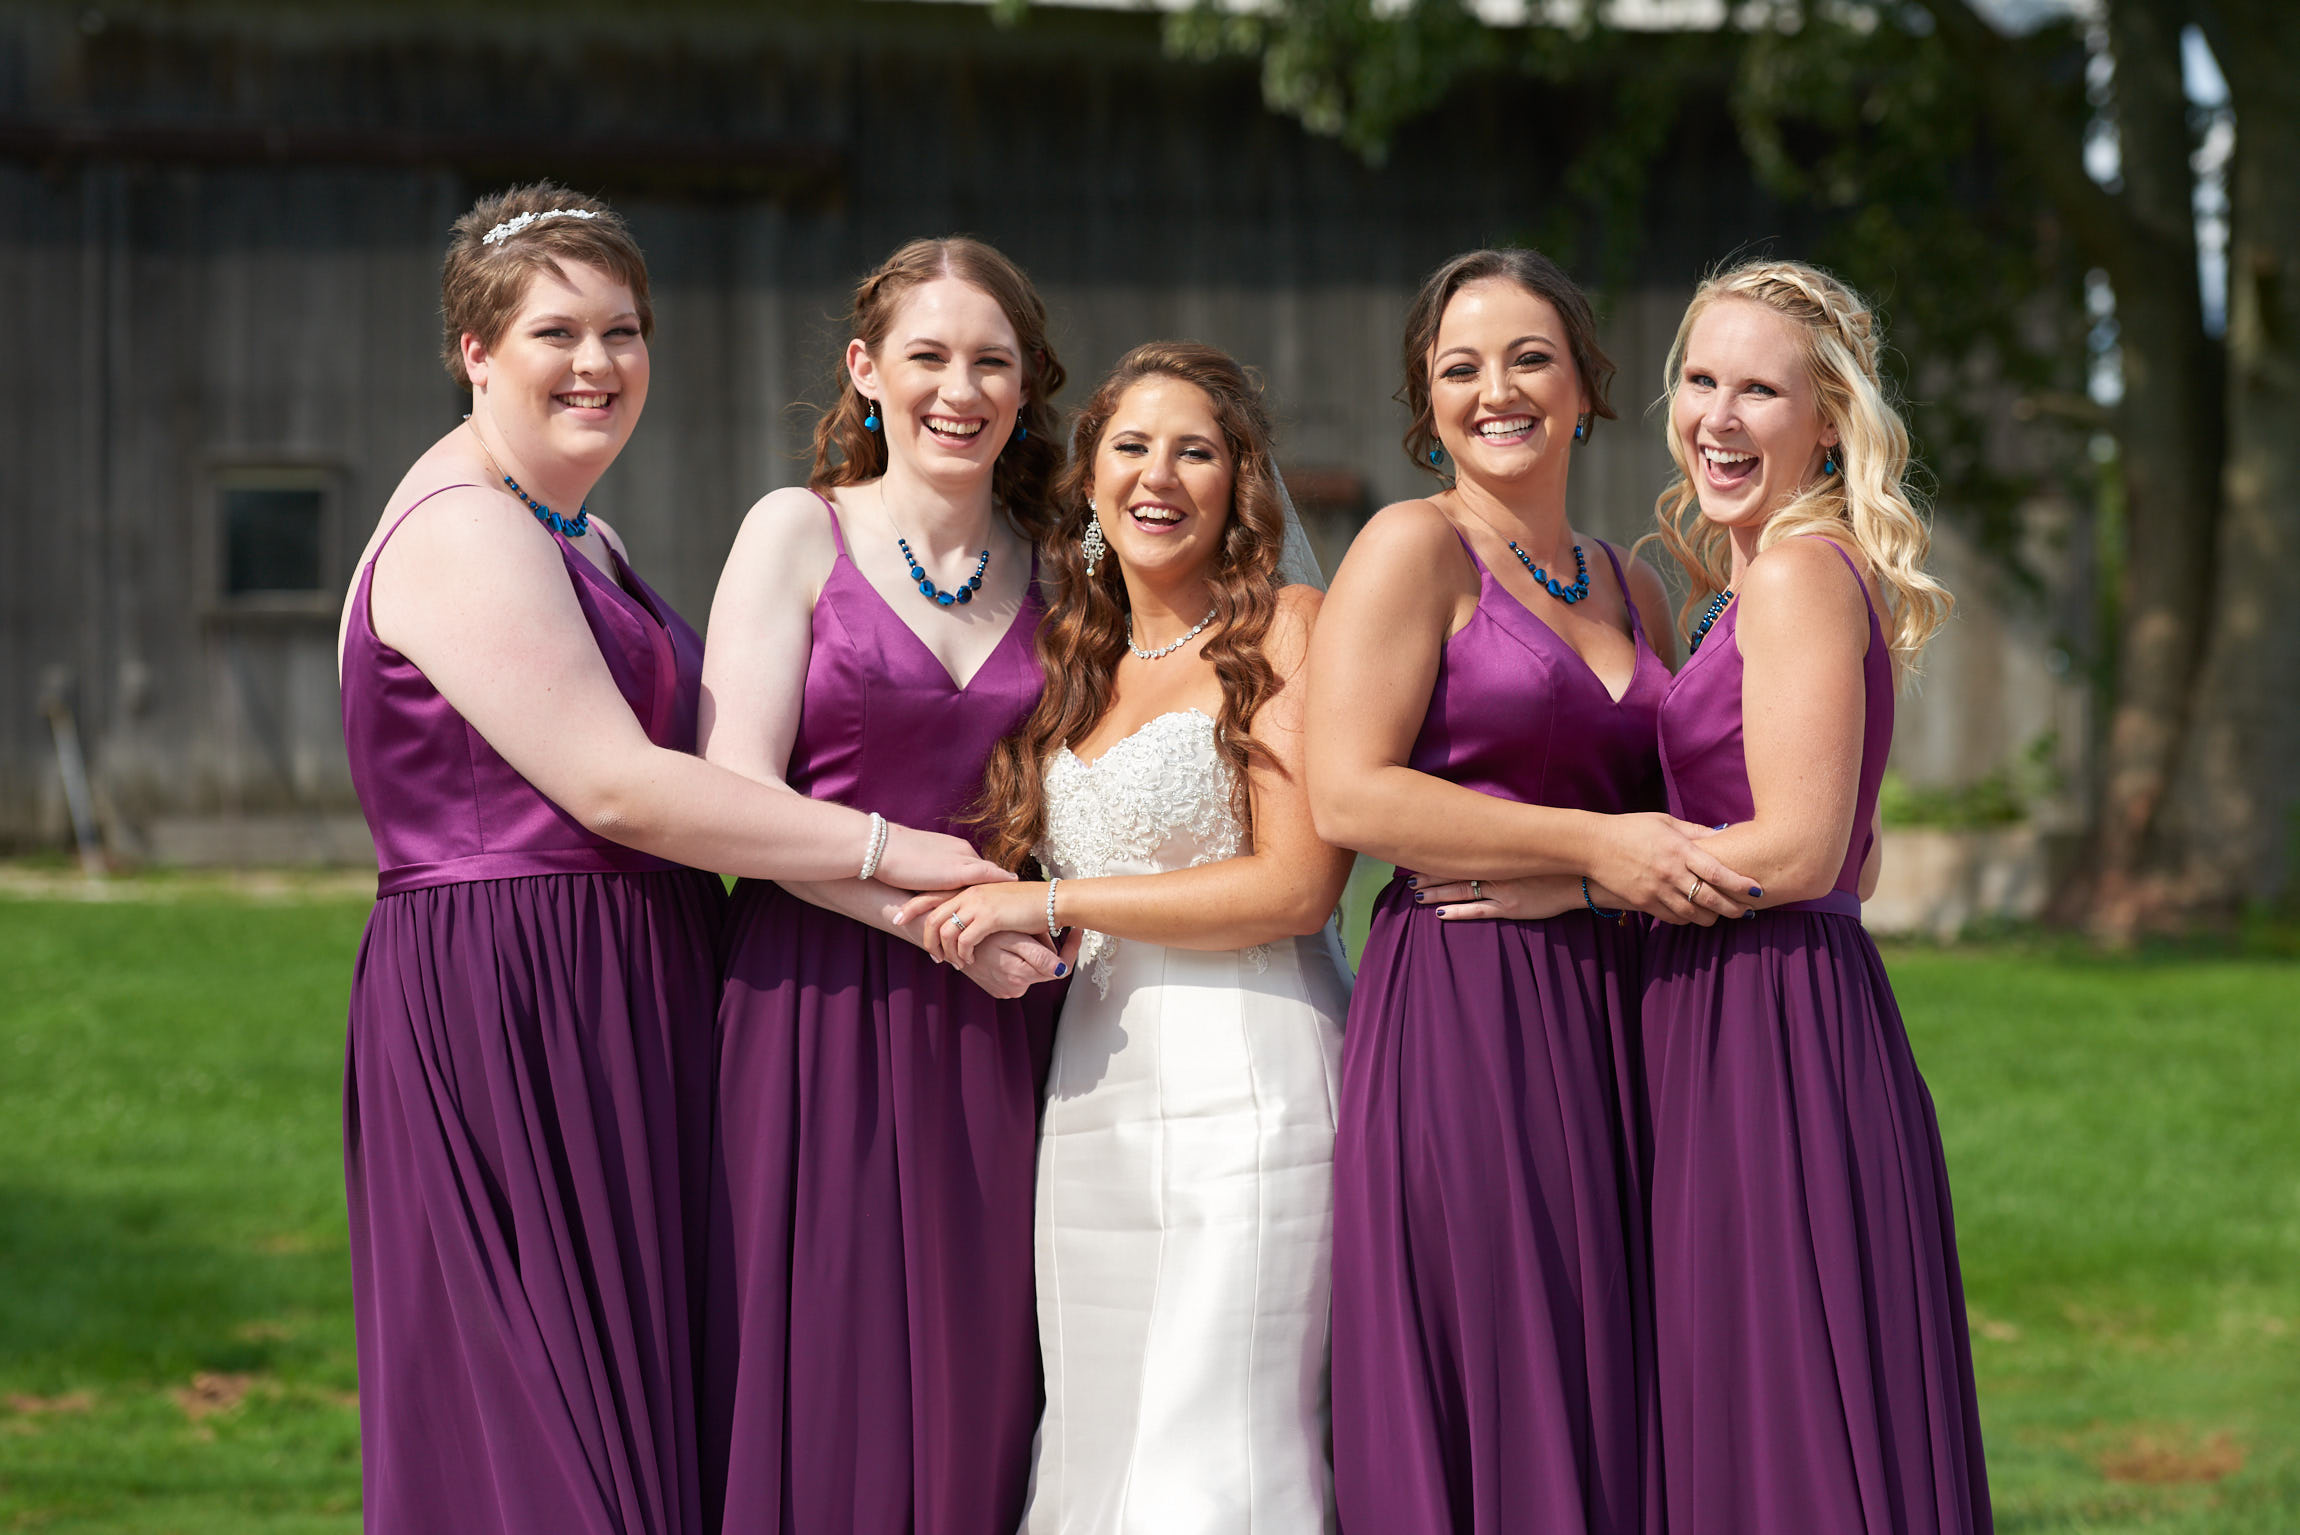 Bridesmaids laughing portrait